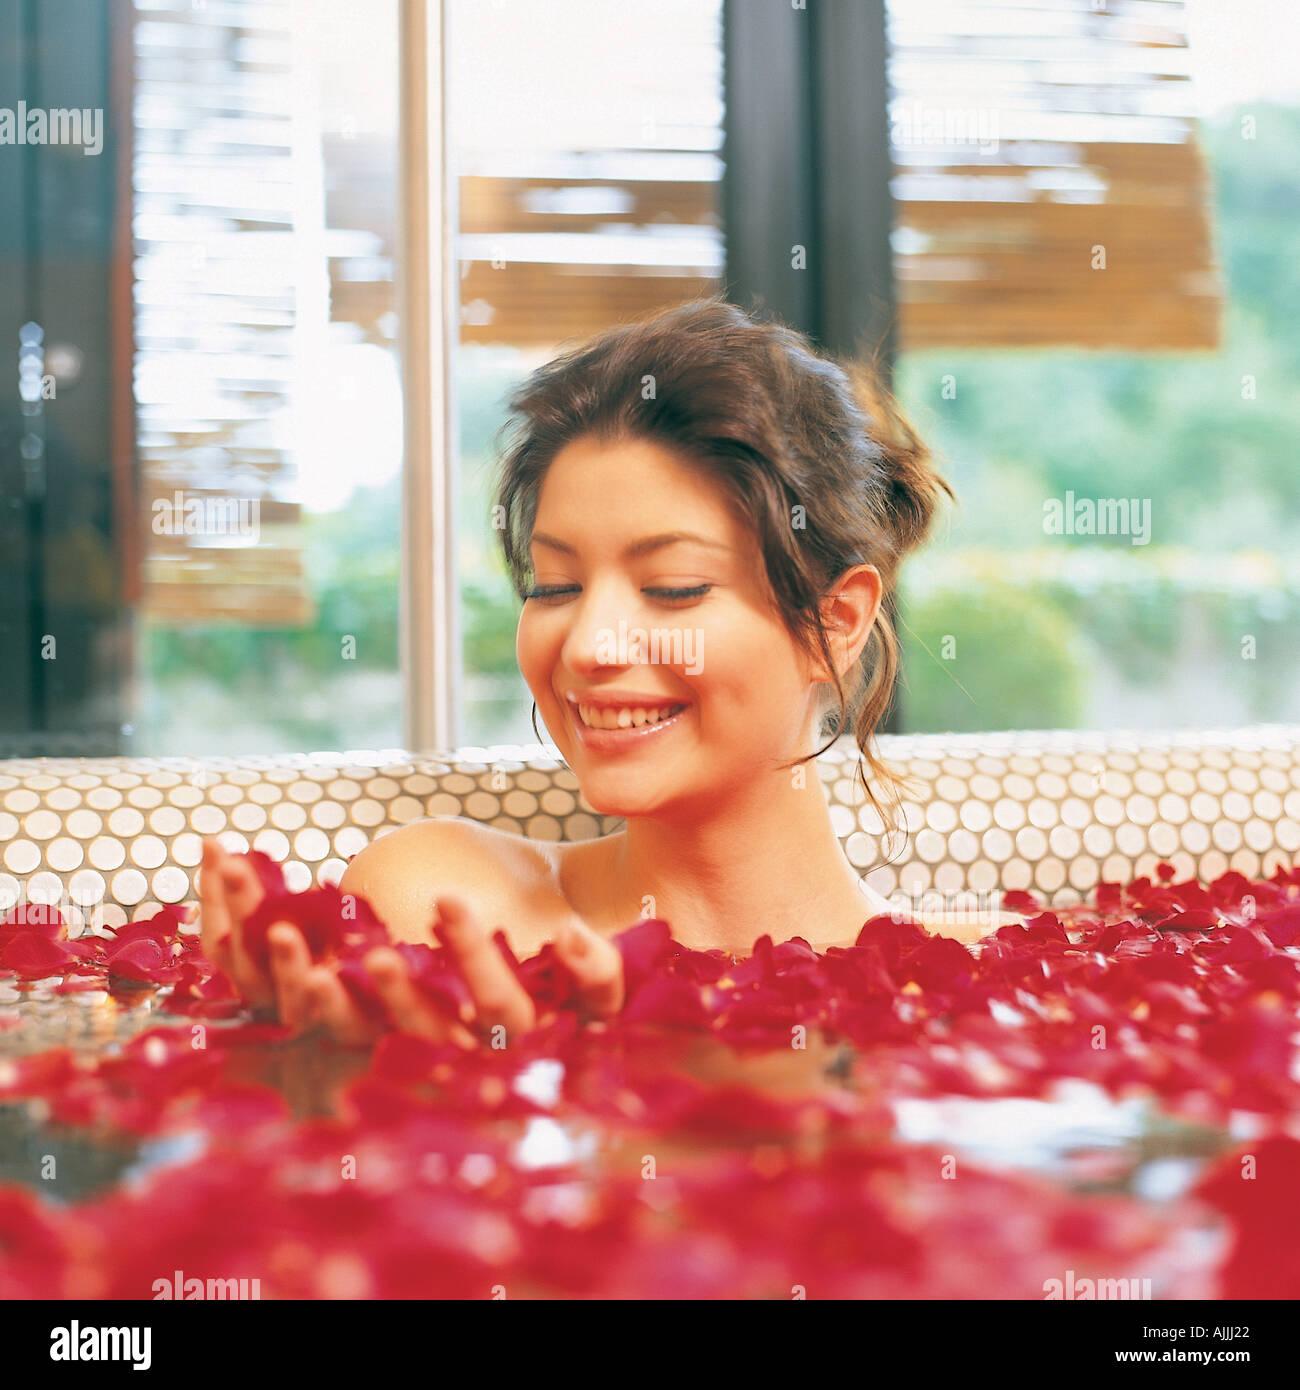 junge frau sitzt in einer badewanne mit rosenbl ten stockfoto bild 4815393 alamy. Black Bedroom Furniture Sets. Home Design Ideas